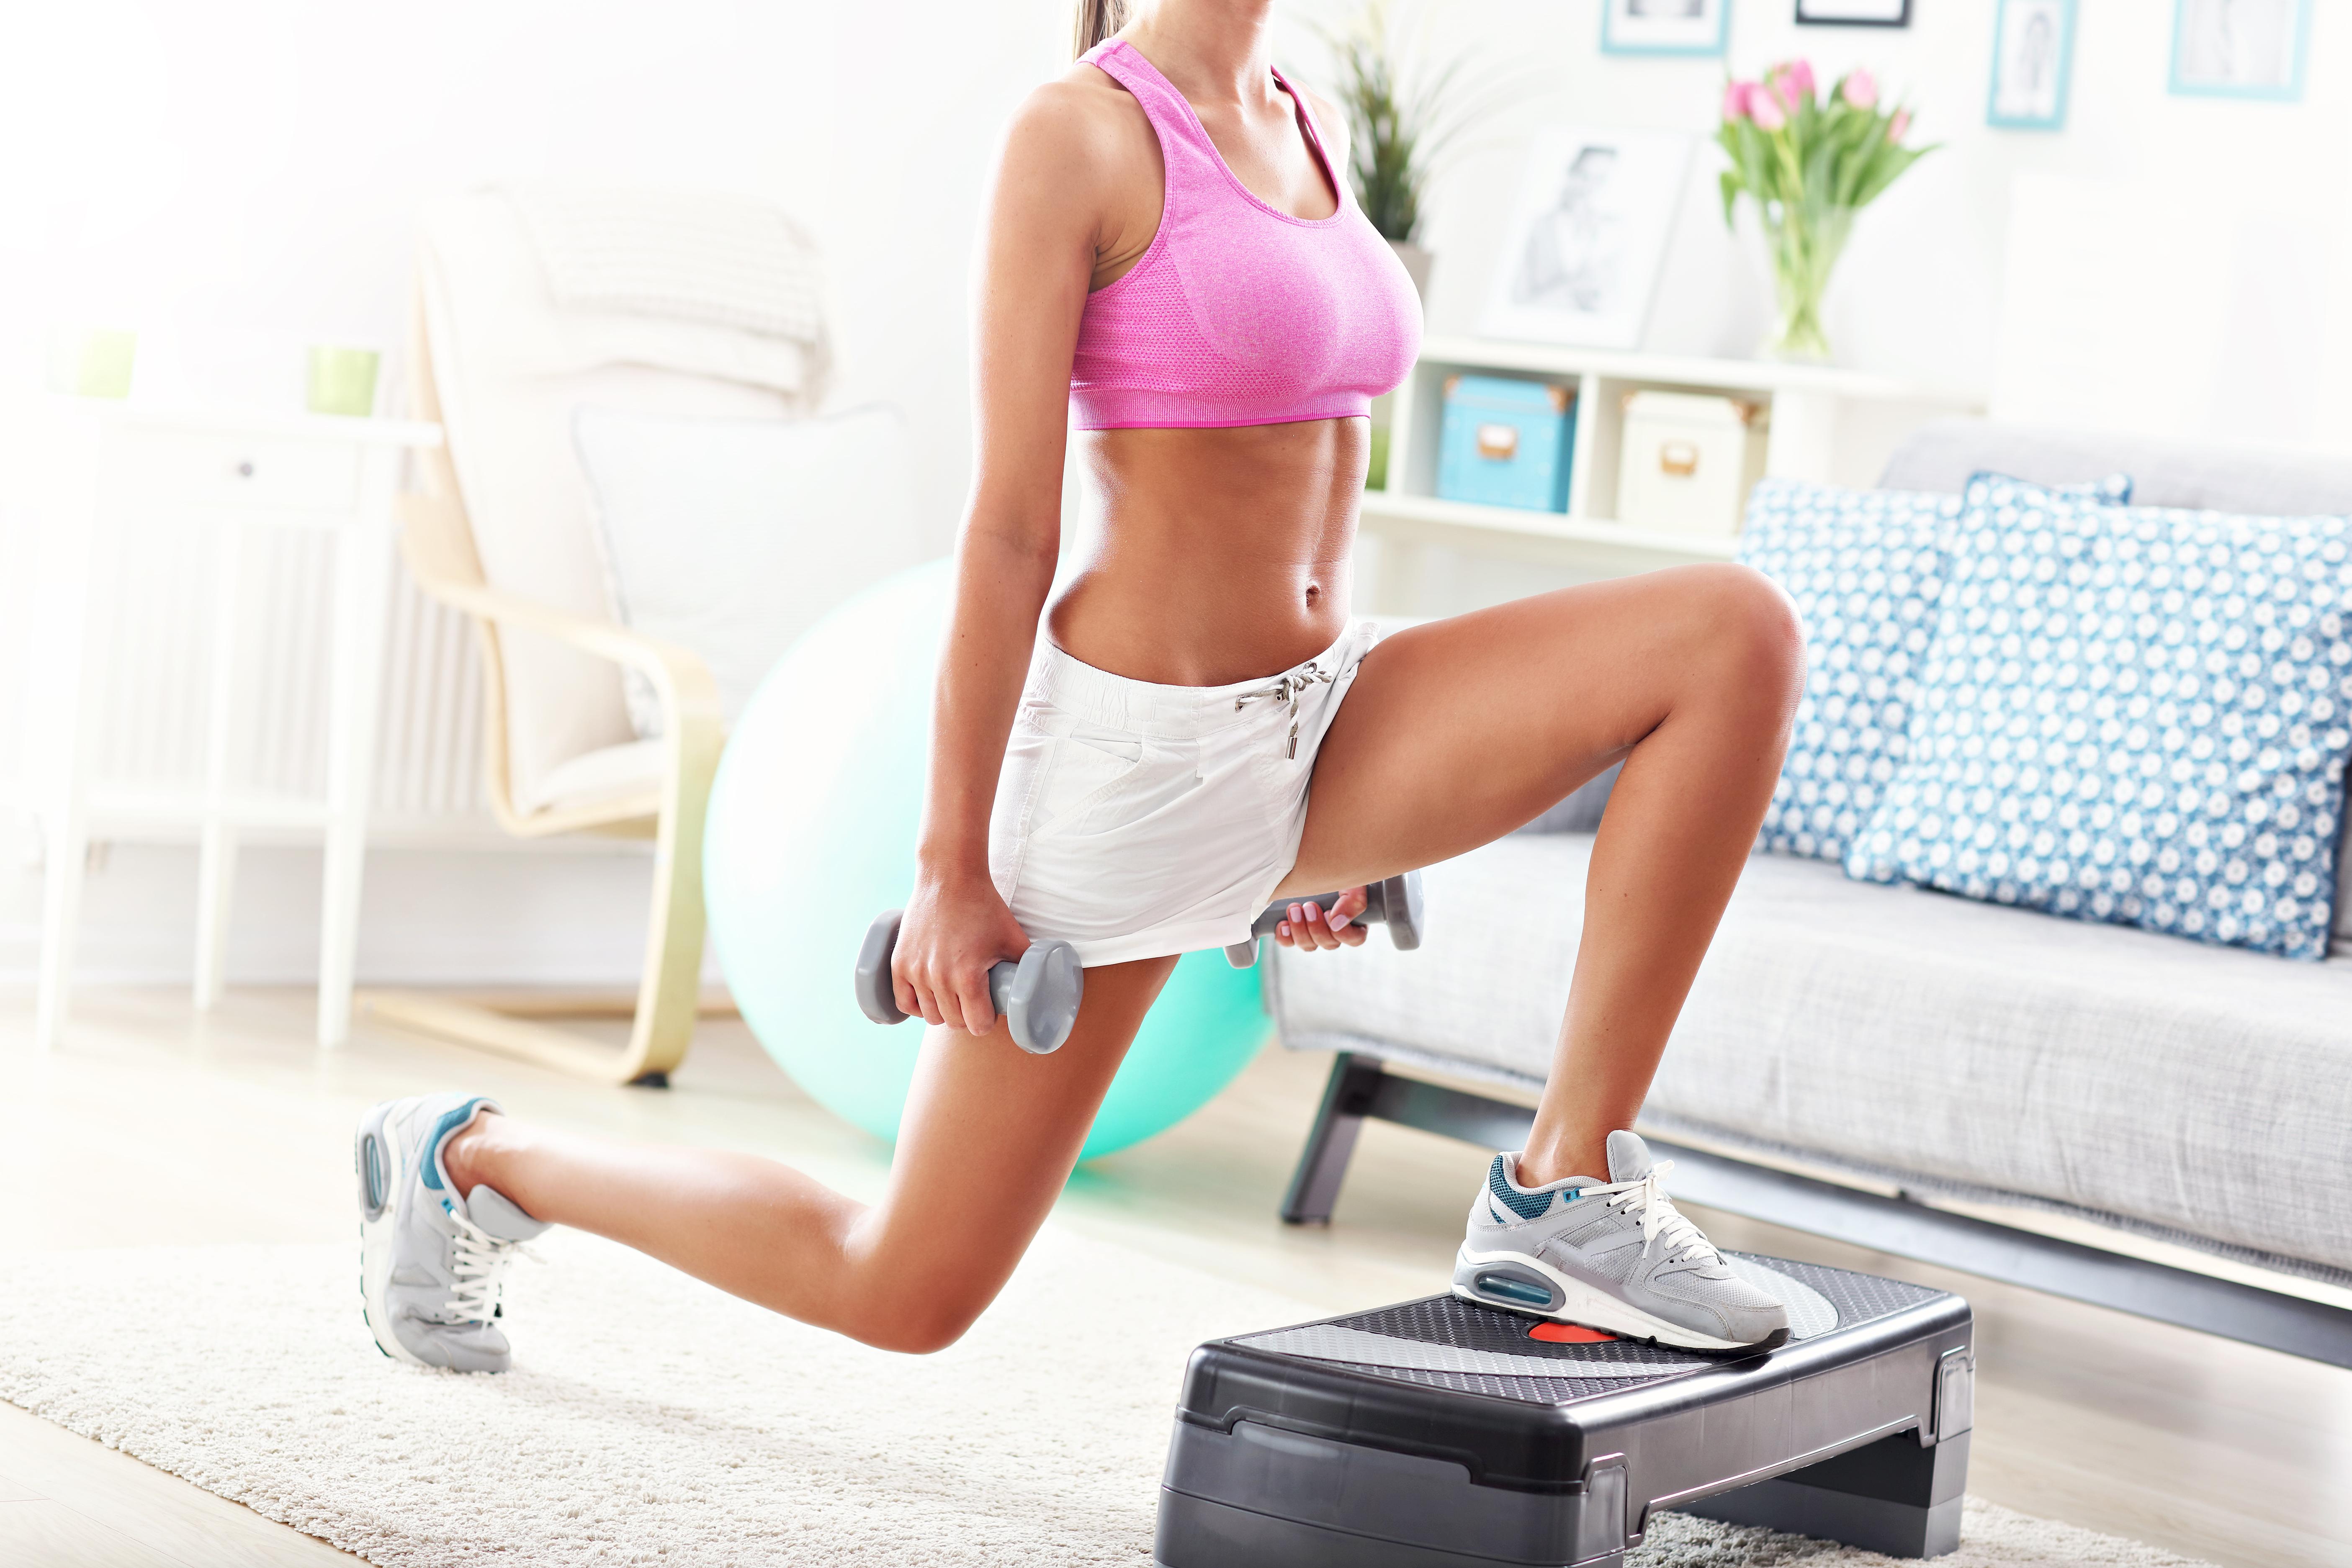 Вправи з гантелями будинку: цікаві варіації для сильних дівчат